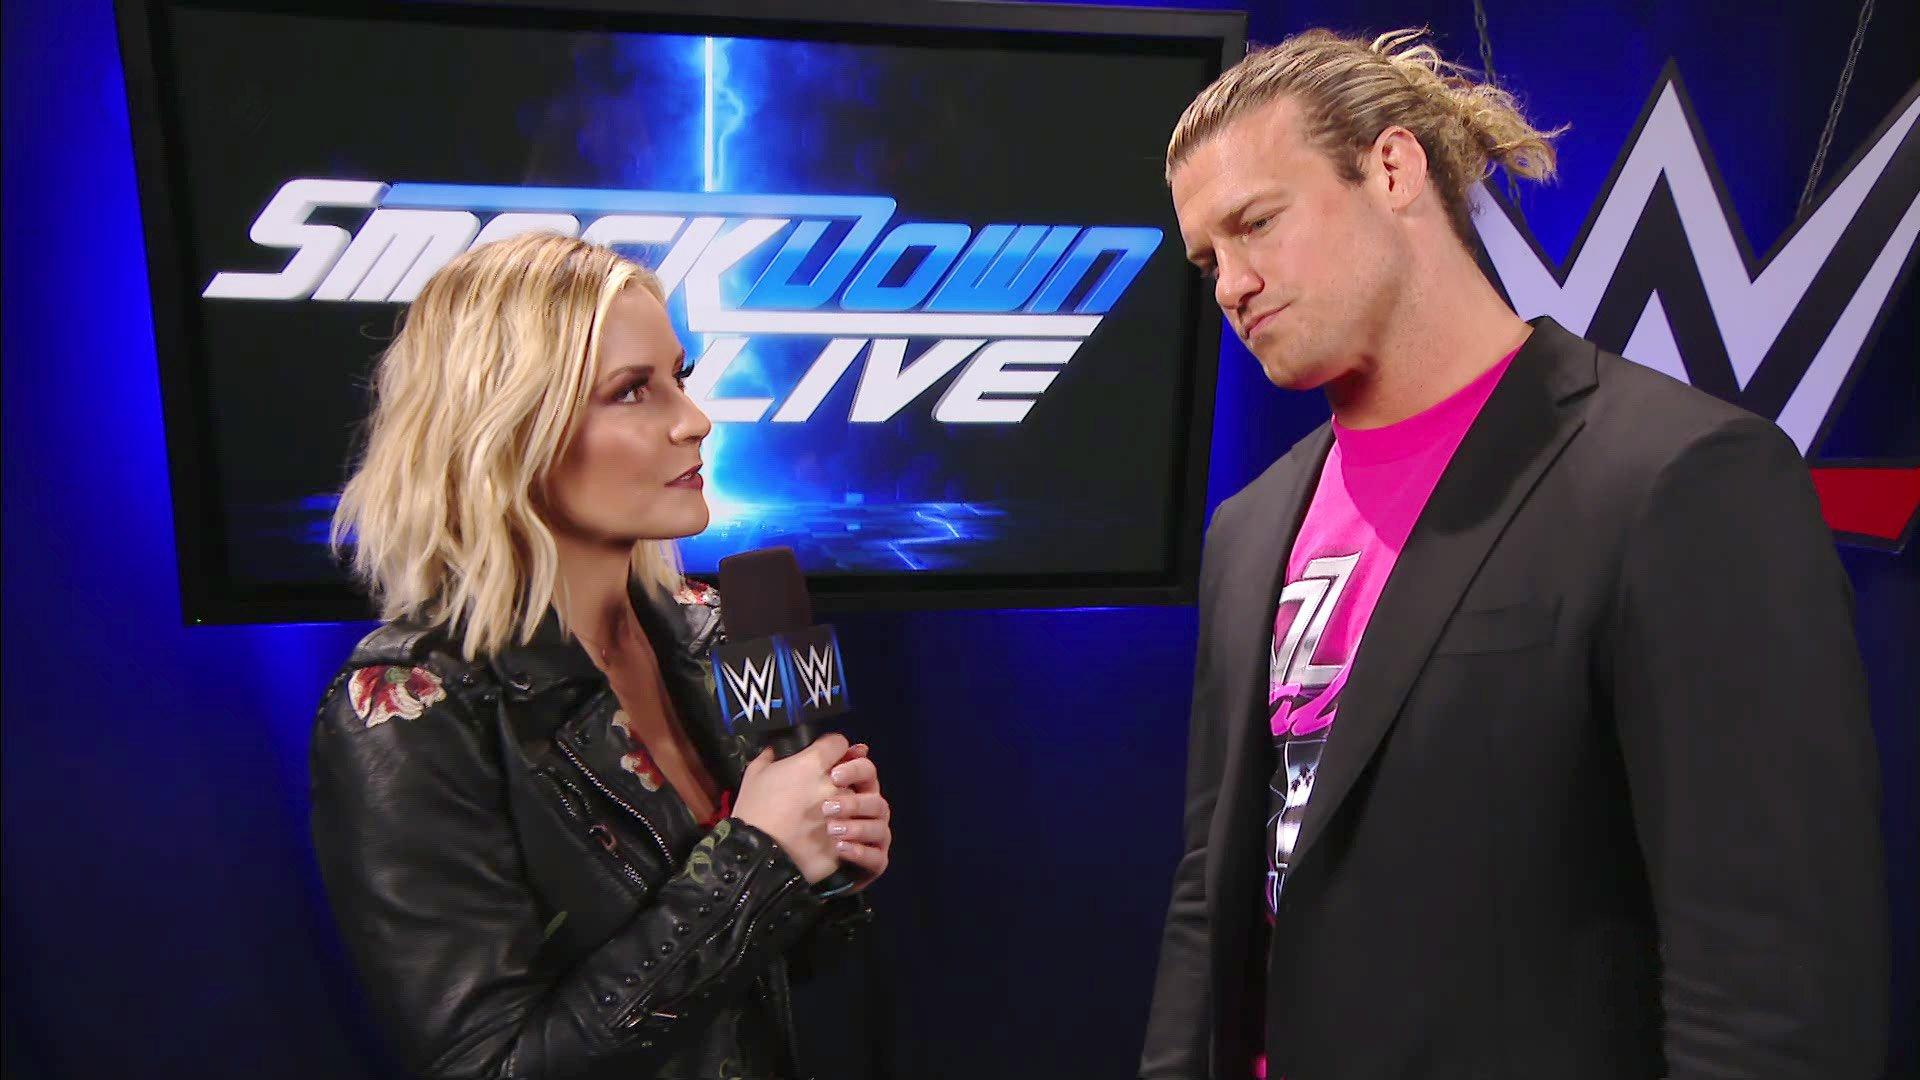 Dolph Ziggler envoie un avertissement à une génération entière: SmackDown LIVE, 14 fév. 2017